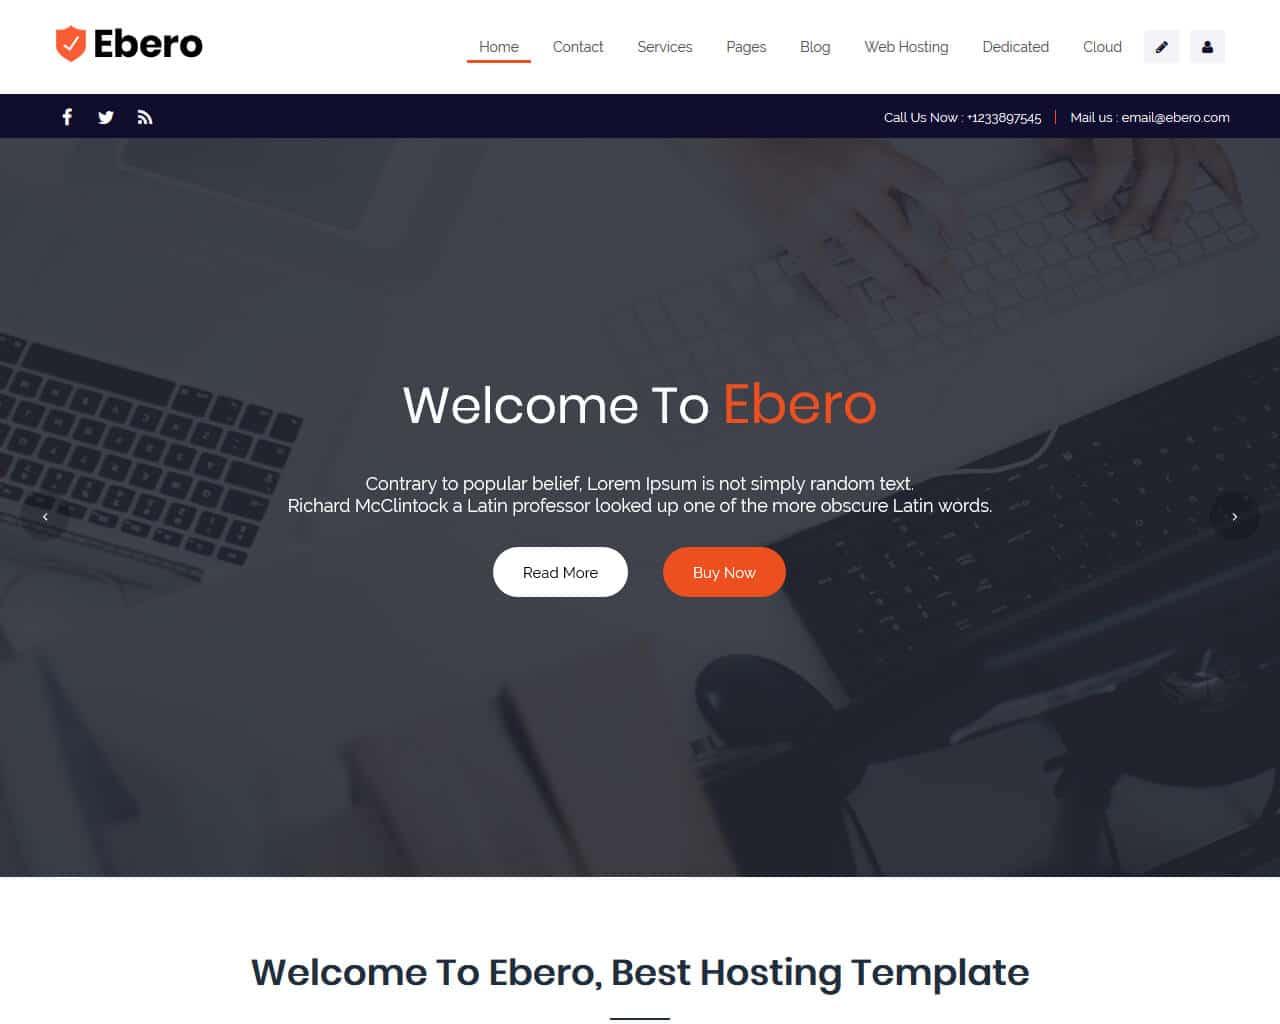 Ebero Website Template